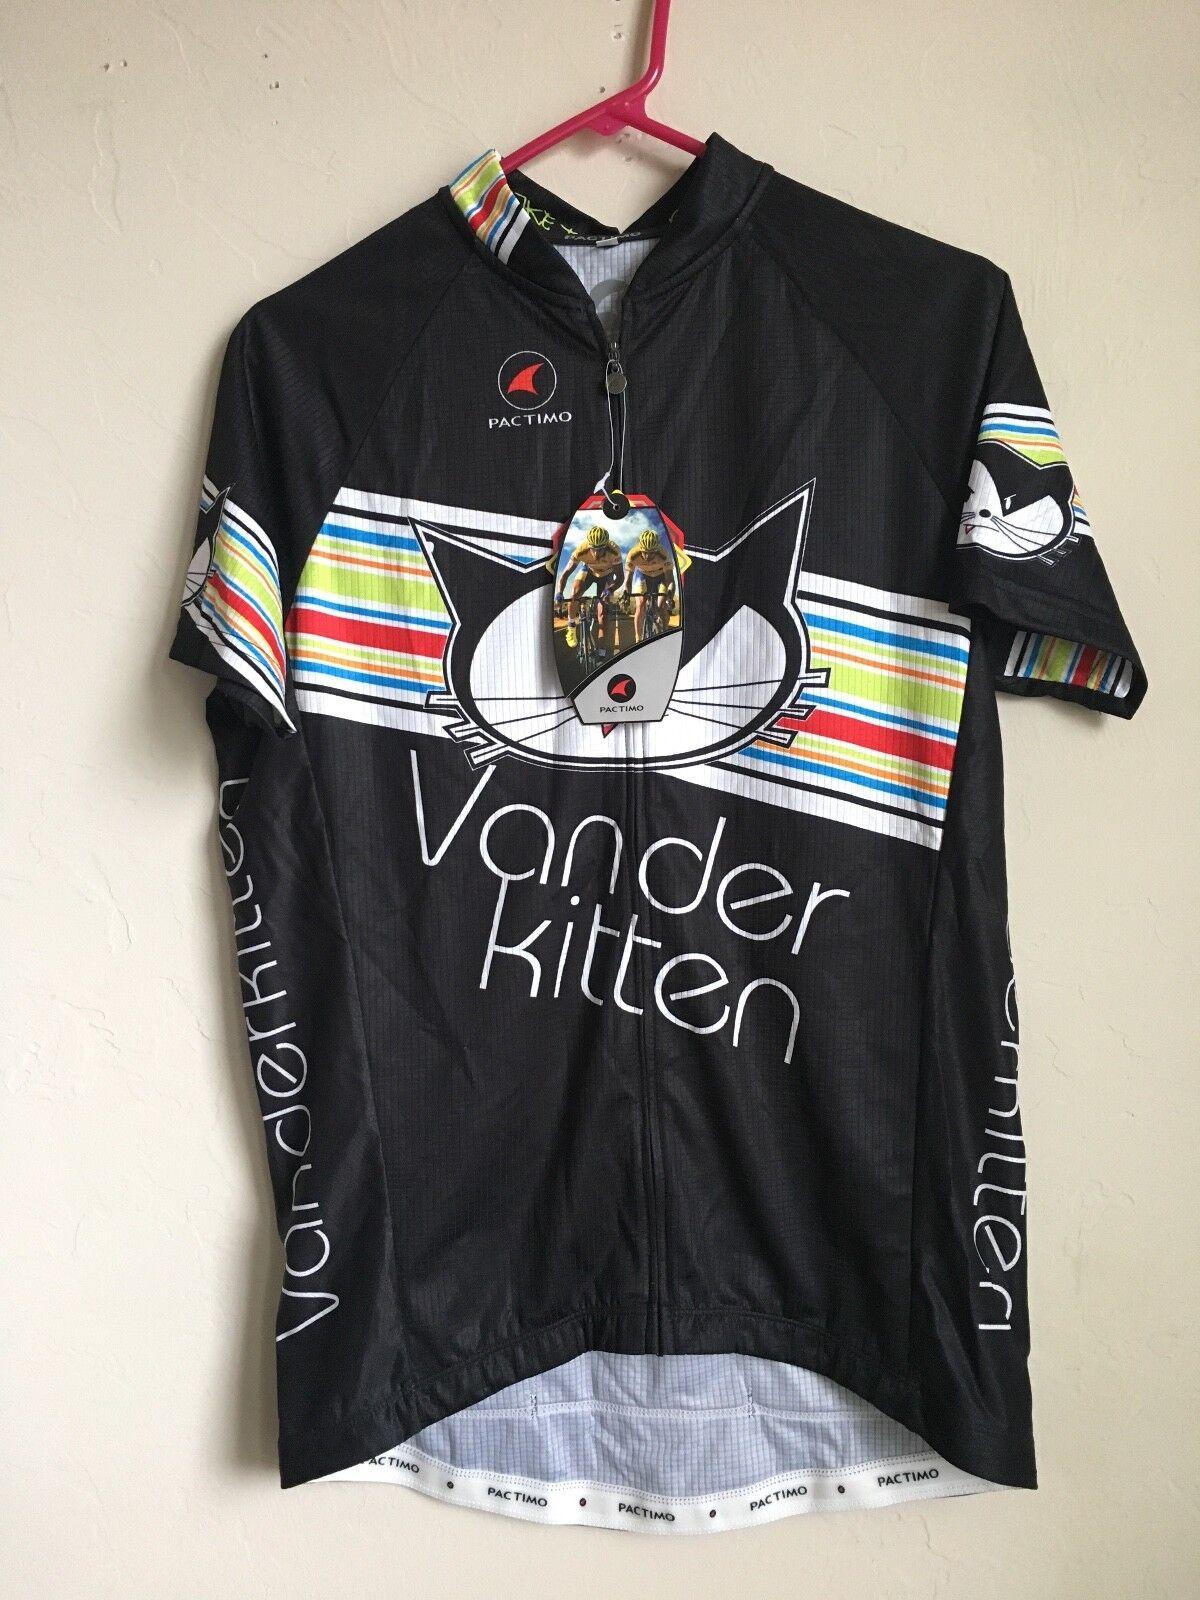 NEW Pactimo Vander Kitten Radfahren Jersey daSie Tri Tank Jersey XXL